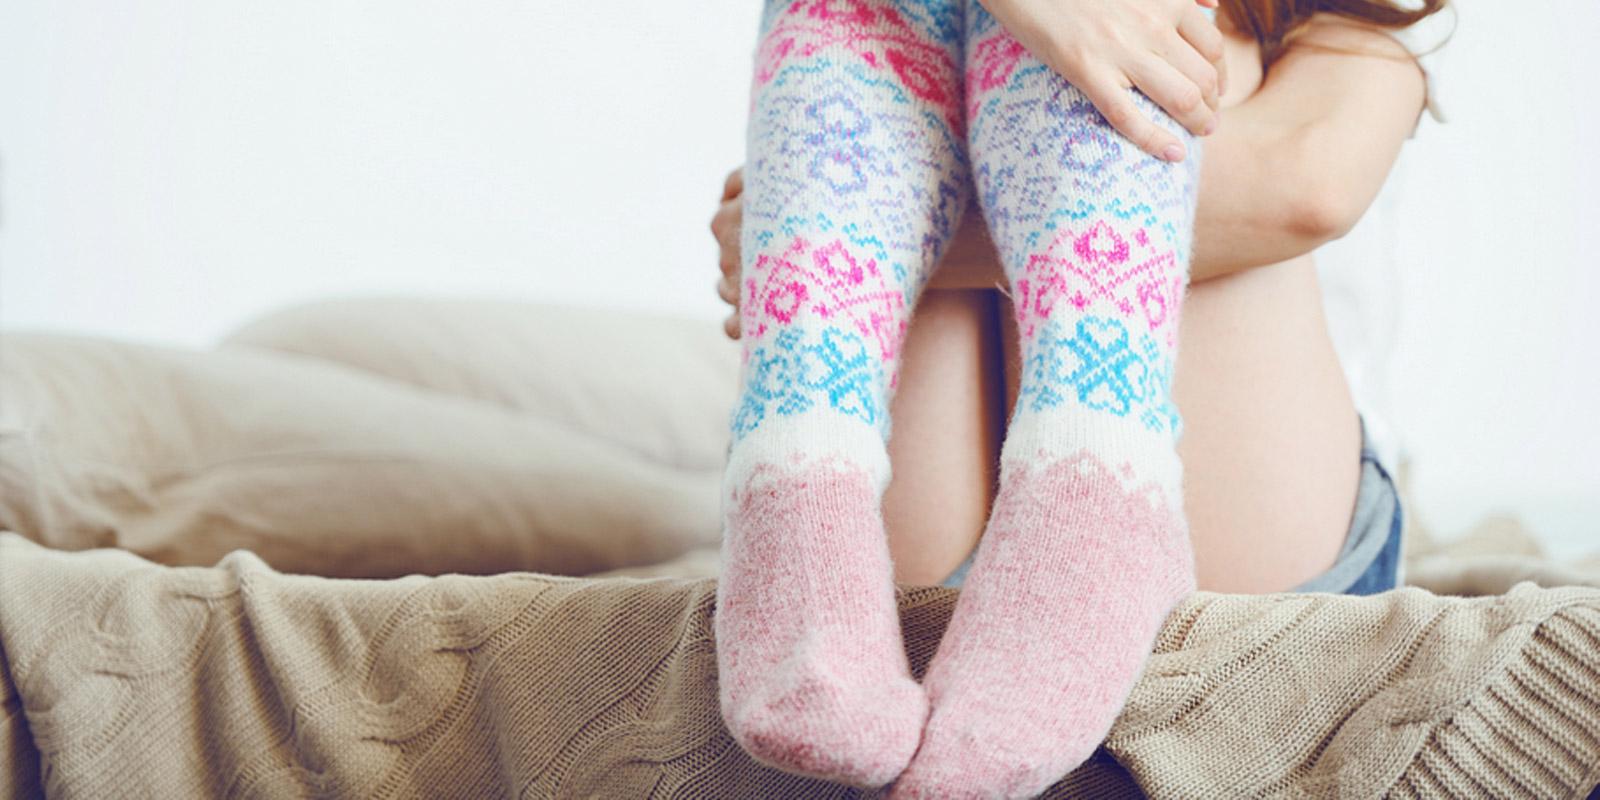 фото в носках шерстяных